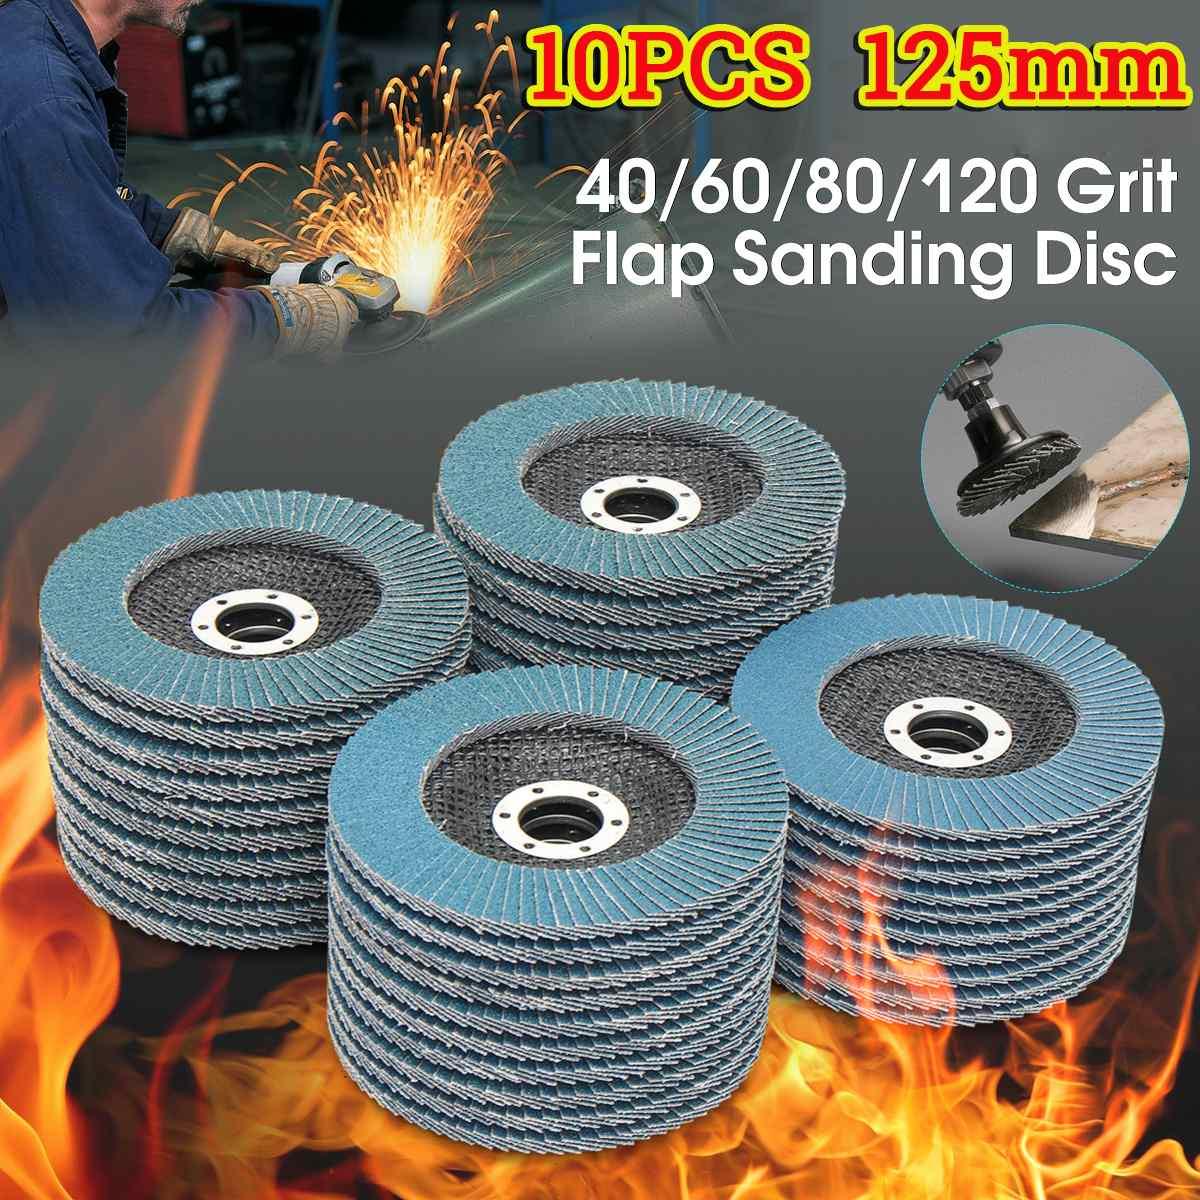 10ks 125mm profesionální lamelové kotouče 5palcové brusné kotouče zrnitost 40/60/80/120, kotouče brusných kotoučů pro úhlovou brusku